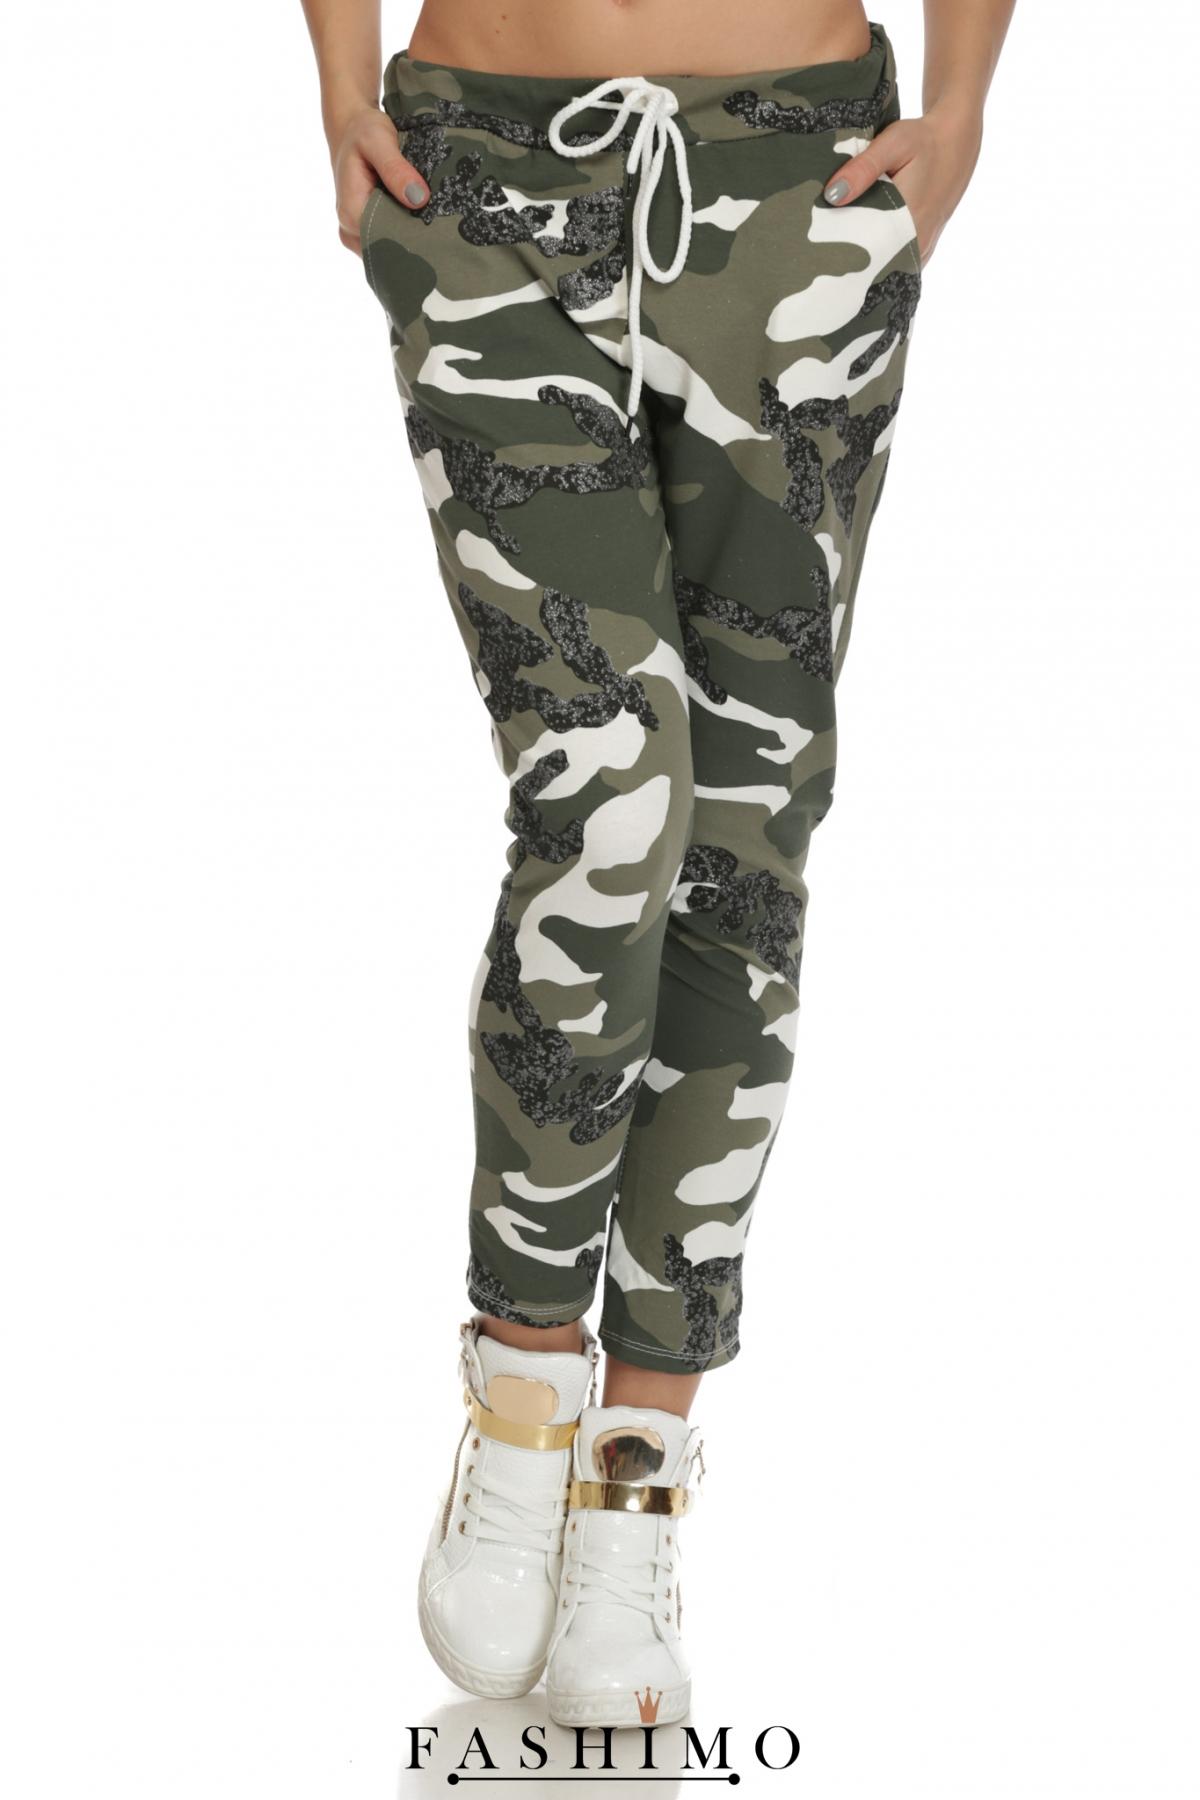 jumătate de preț cum să cumpere cea mai bună vânzare pantaoni, pantaloni army, armata, pantaloni dama, haine dama ...